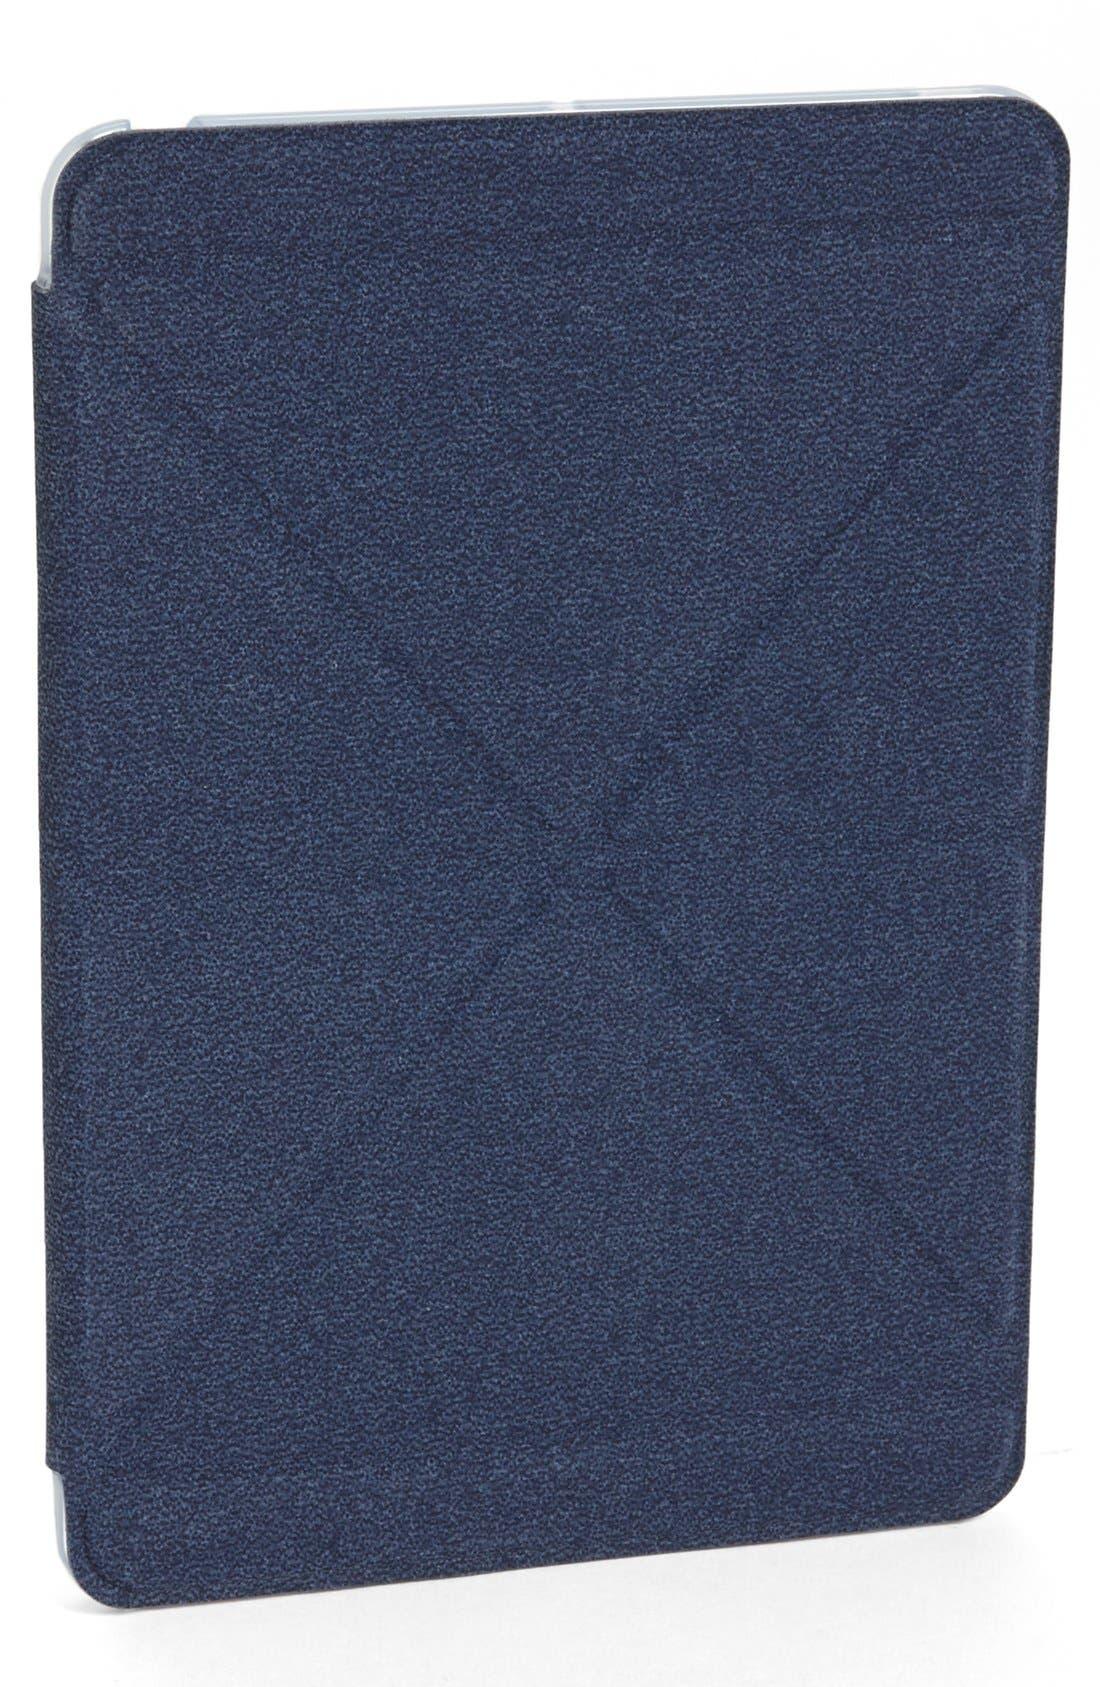 Main Image - Moshi 'VersaCover' iPad mini™ Cover